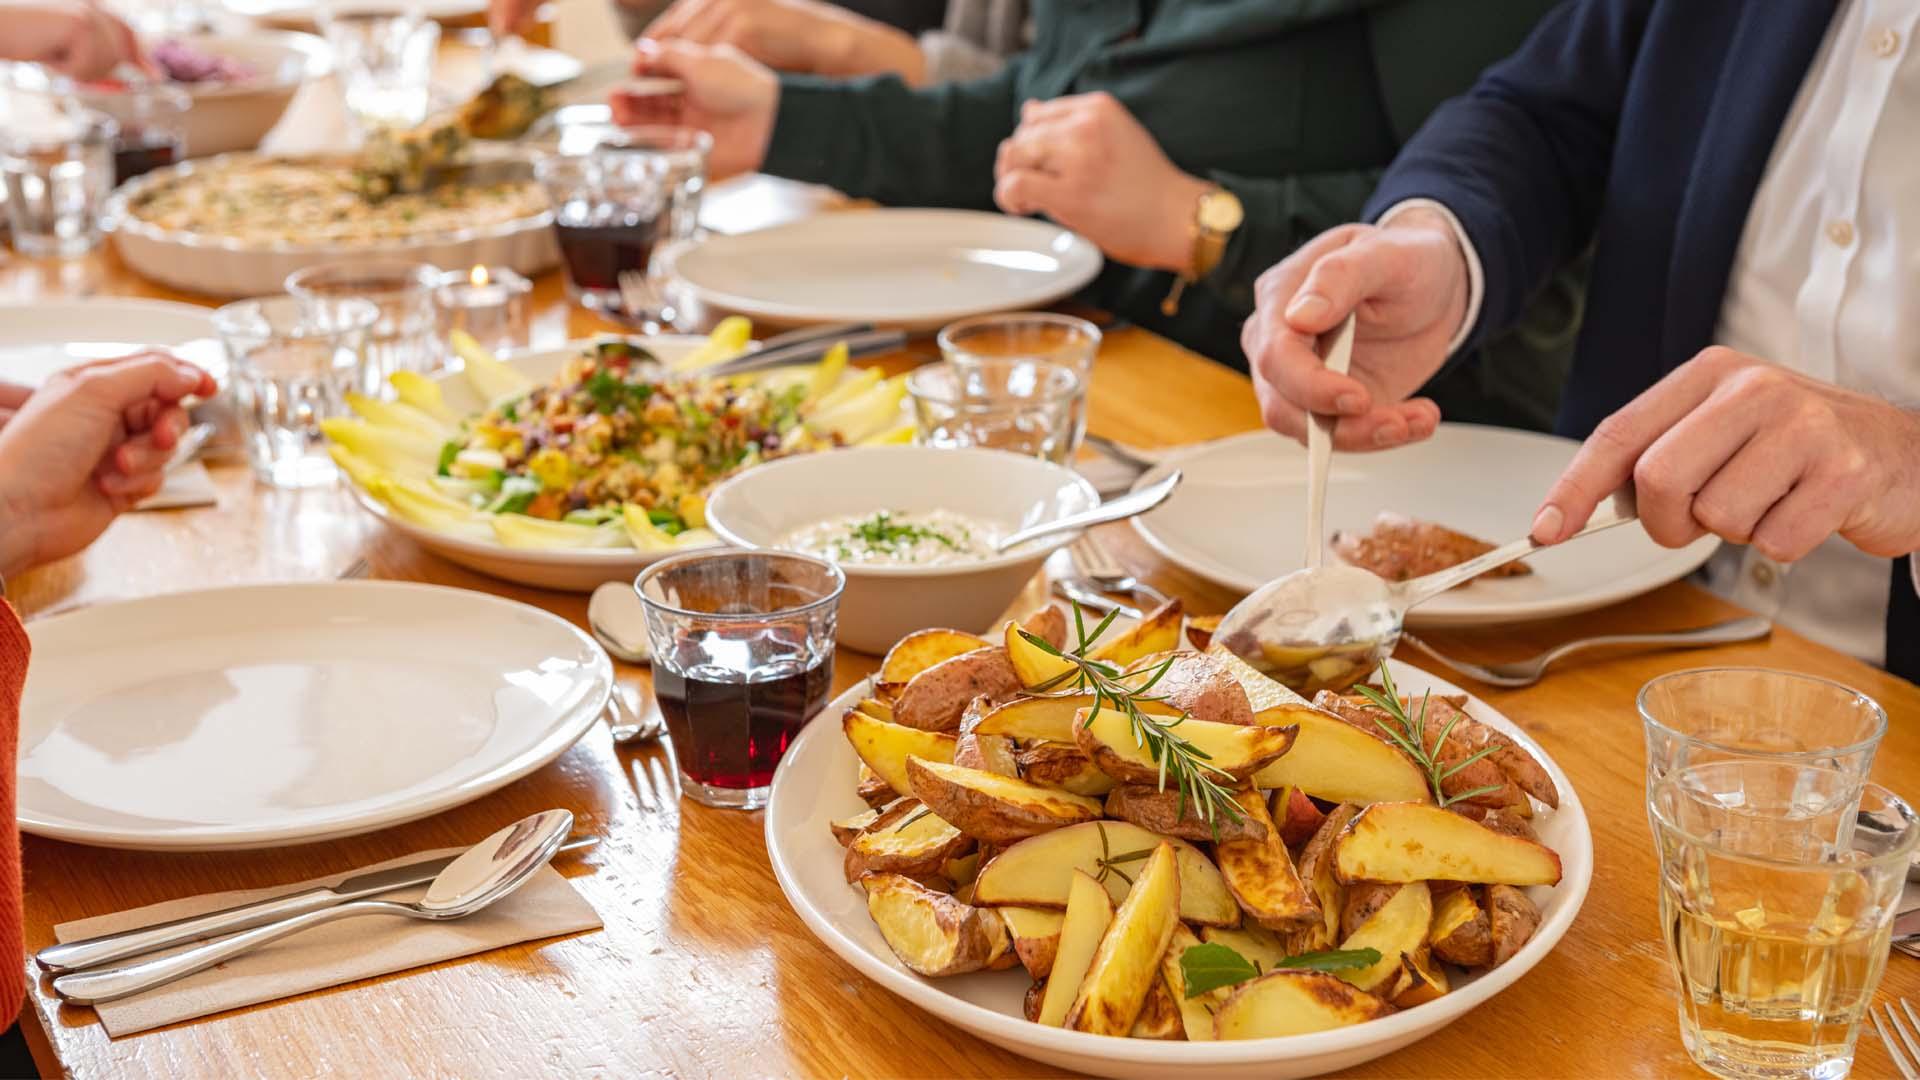 Kloosterhotel ZIN diner aardappeltjes opscheppen samen gezellig biologisch duurzaam